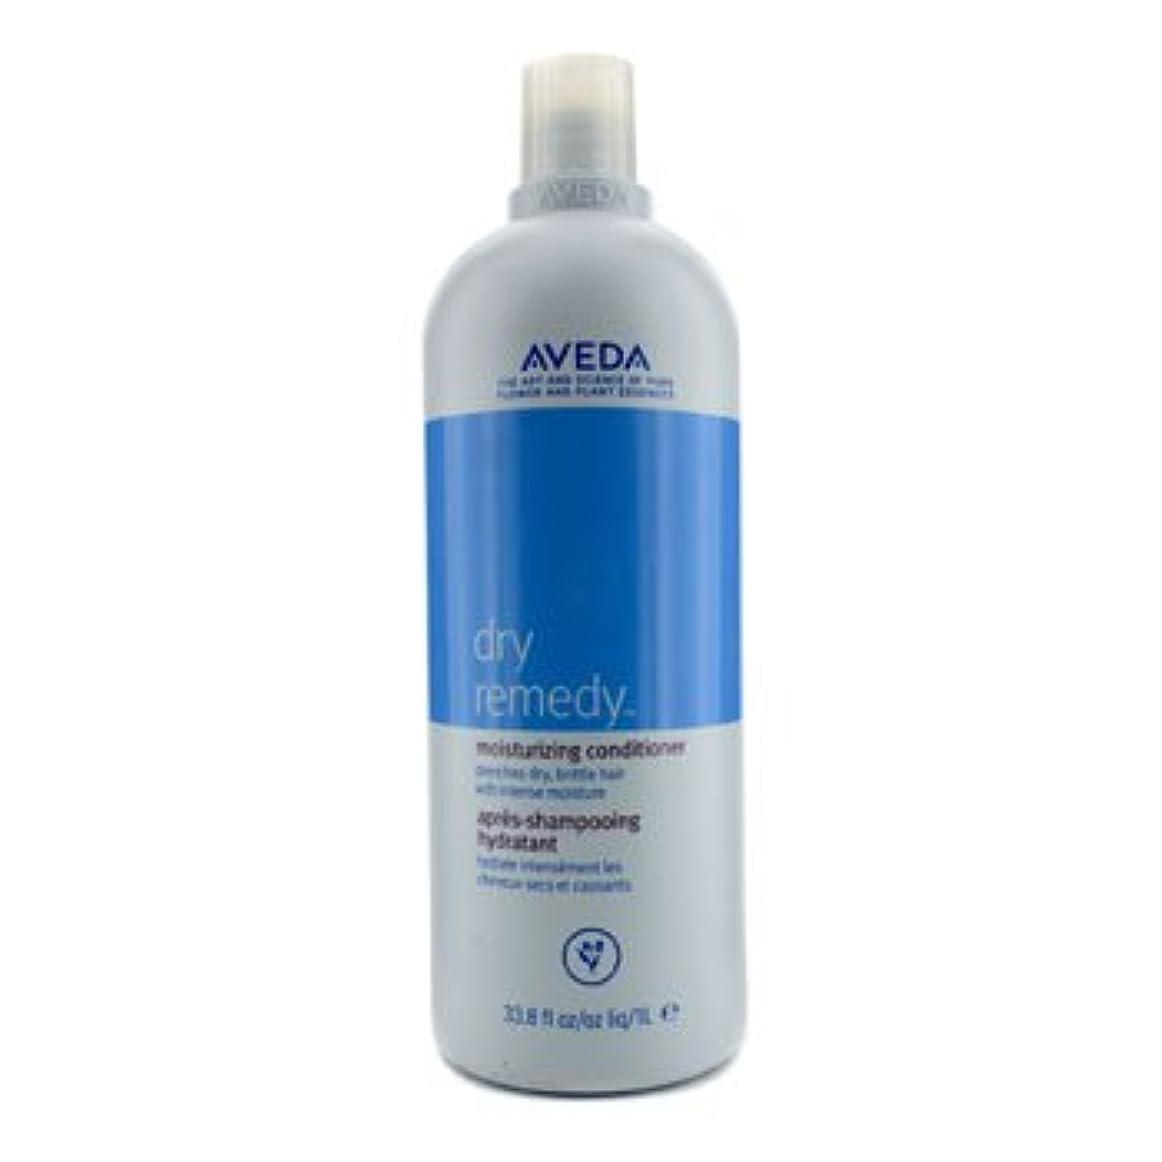 中級違う曇った[Aveda] Dry Remedy Moisturizing Conditioner - For Drenches Dry Brittle Hair (New Packaging) 1000ml/33.8oz